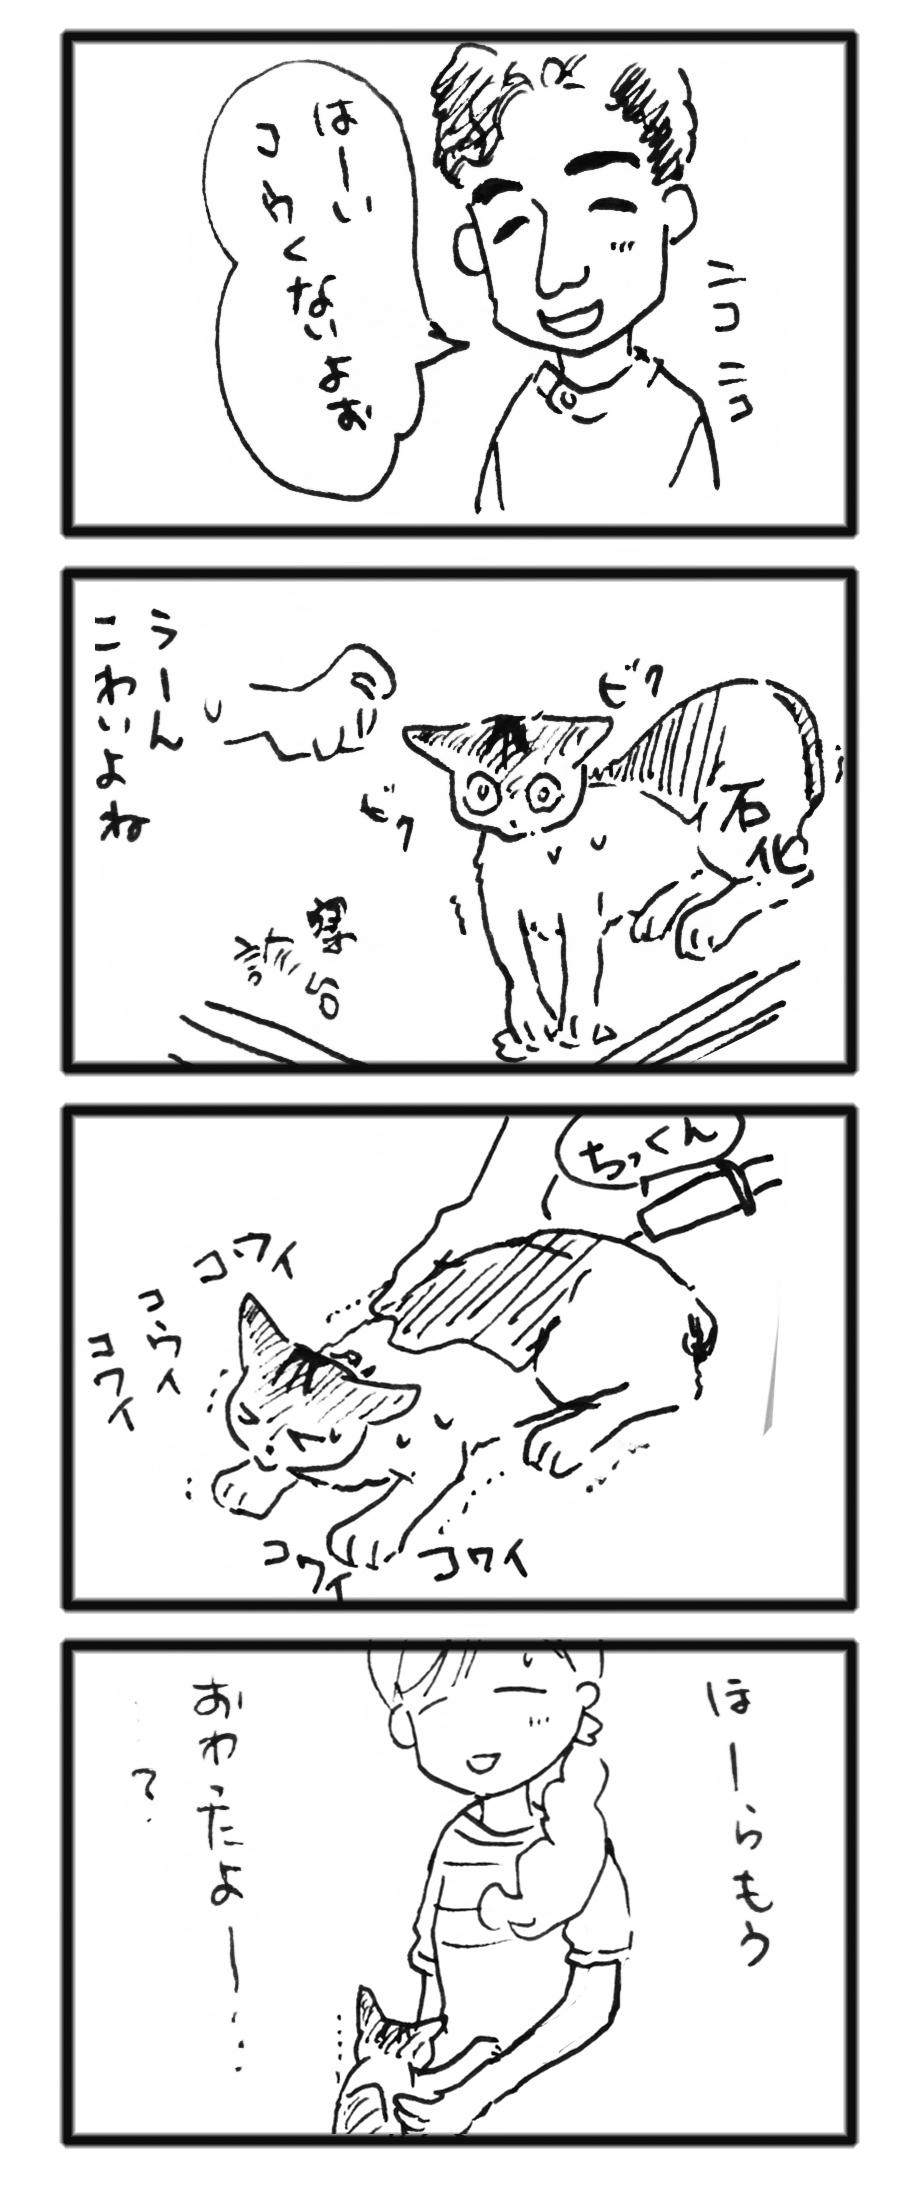 comic_2013101604.jpg